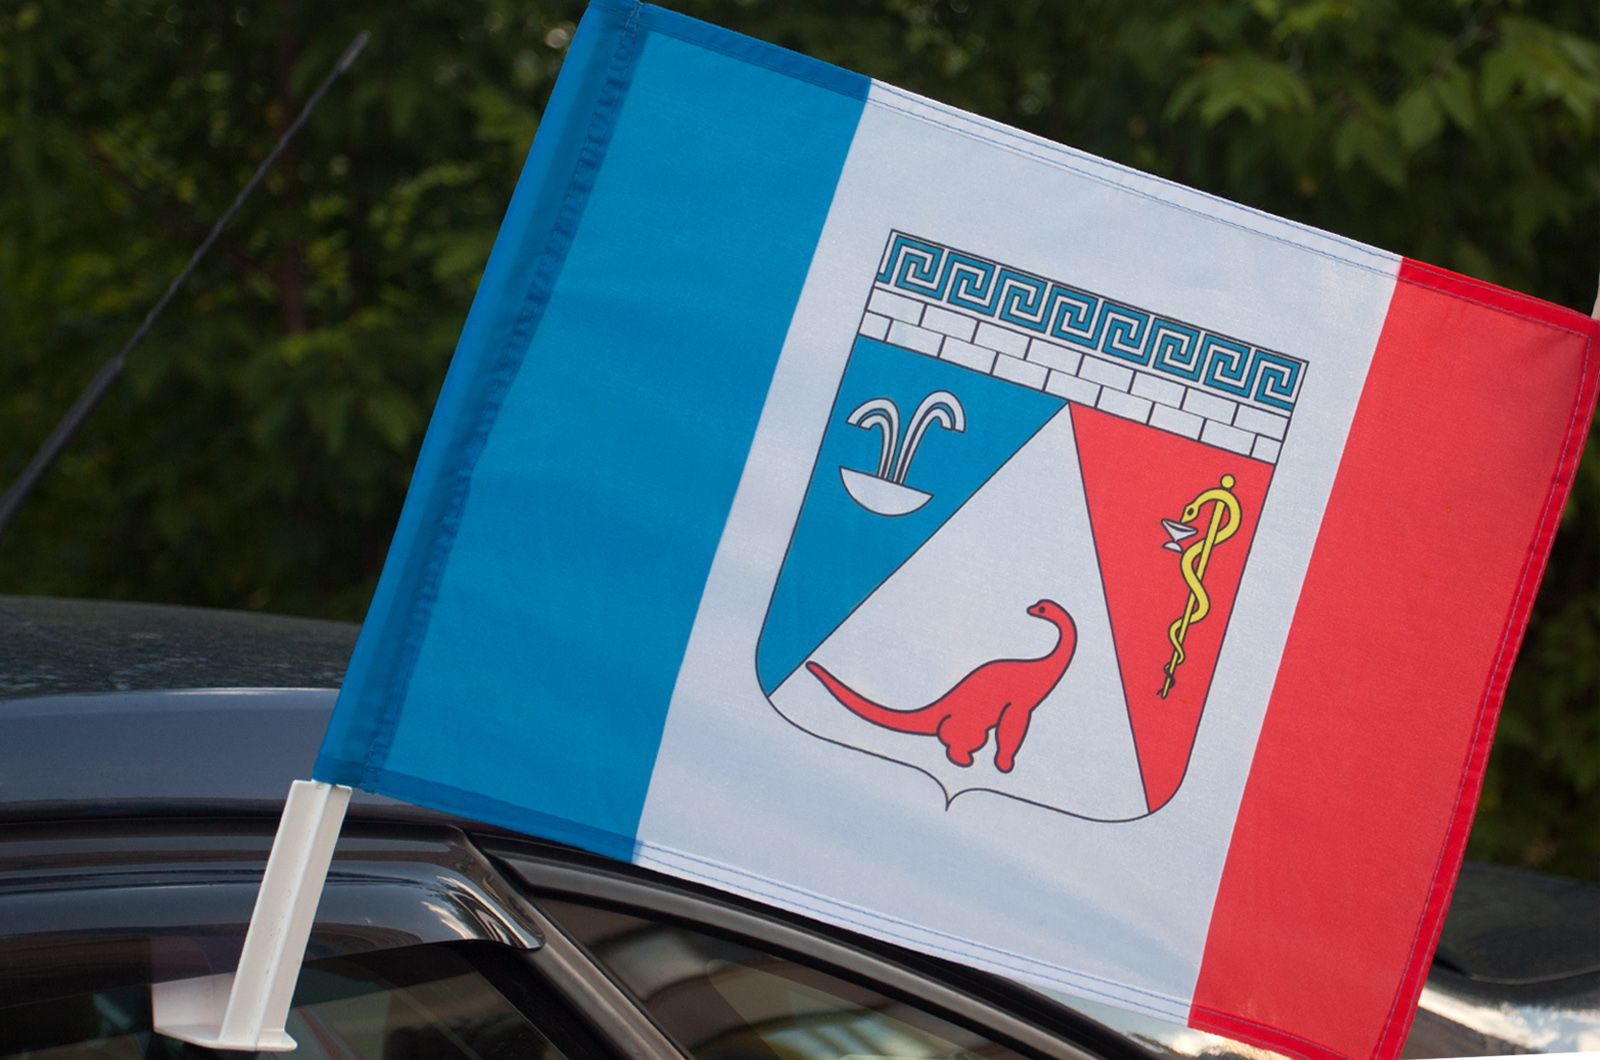 Флаг Саки на машину